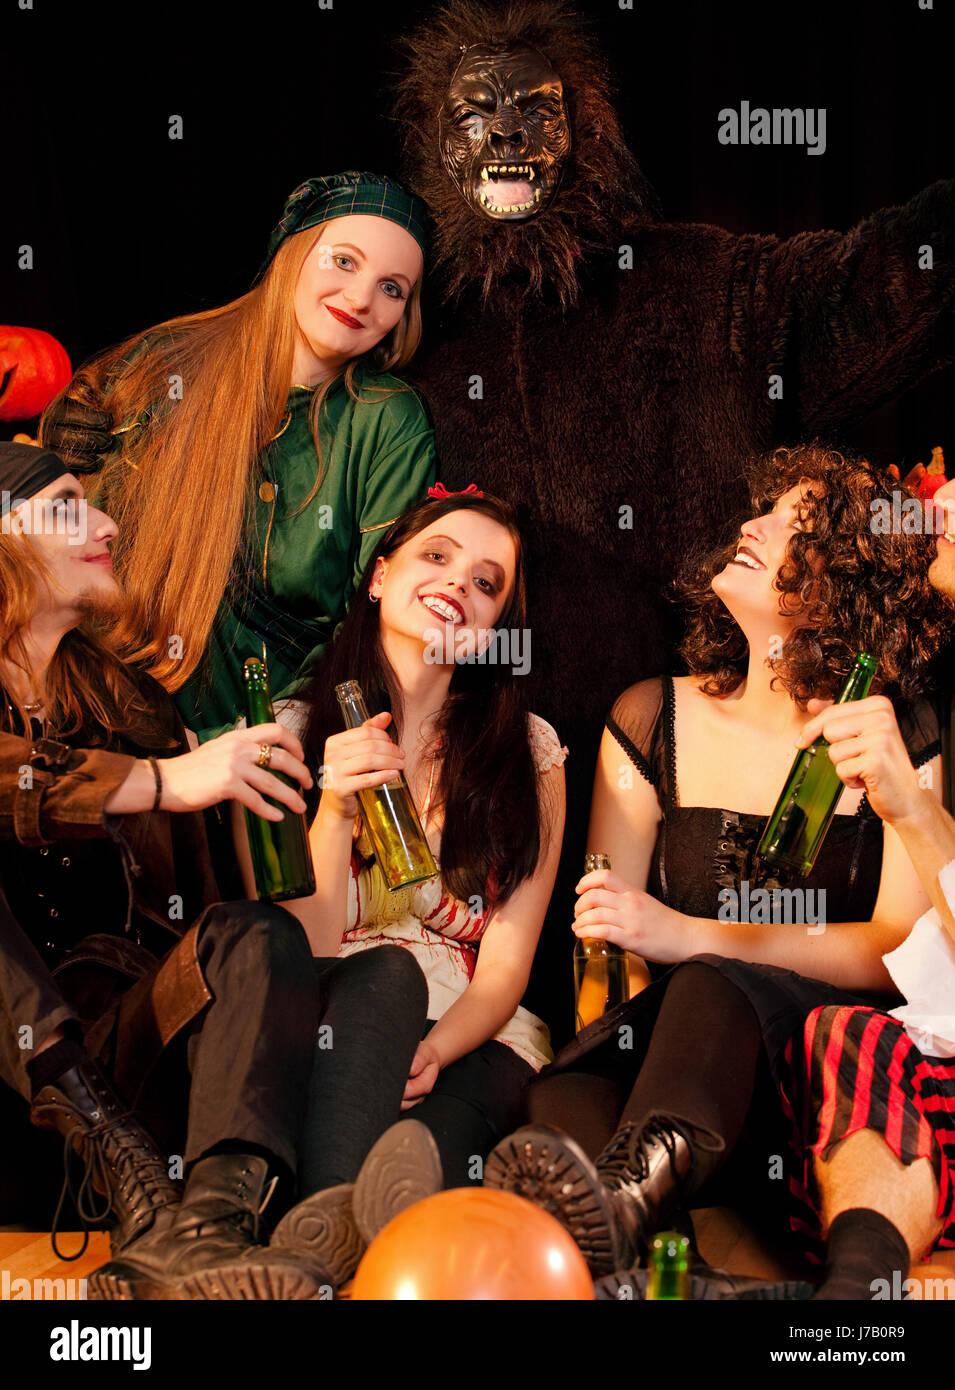 Feiern Sie ausgelassene schwelgt feiert Party feiern Halloween Karneval Stockfoto